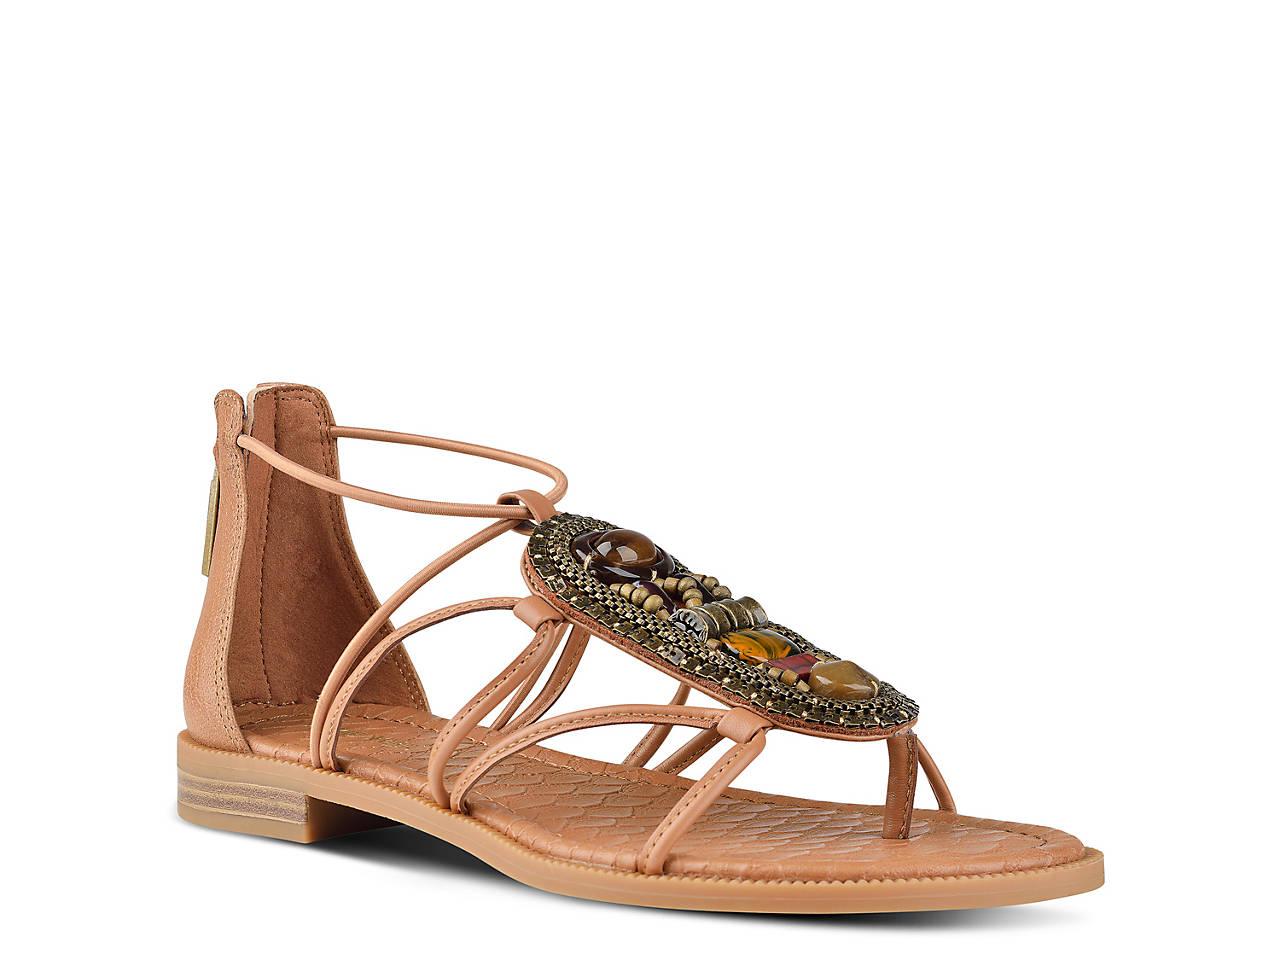 49cbf47445af Nine West Grinning Gladiator Sandal Women s Shoes